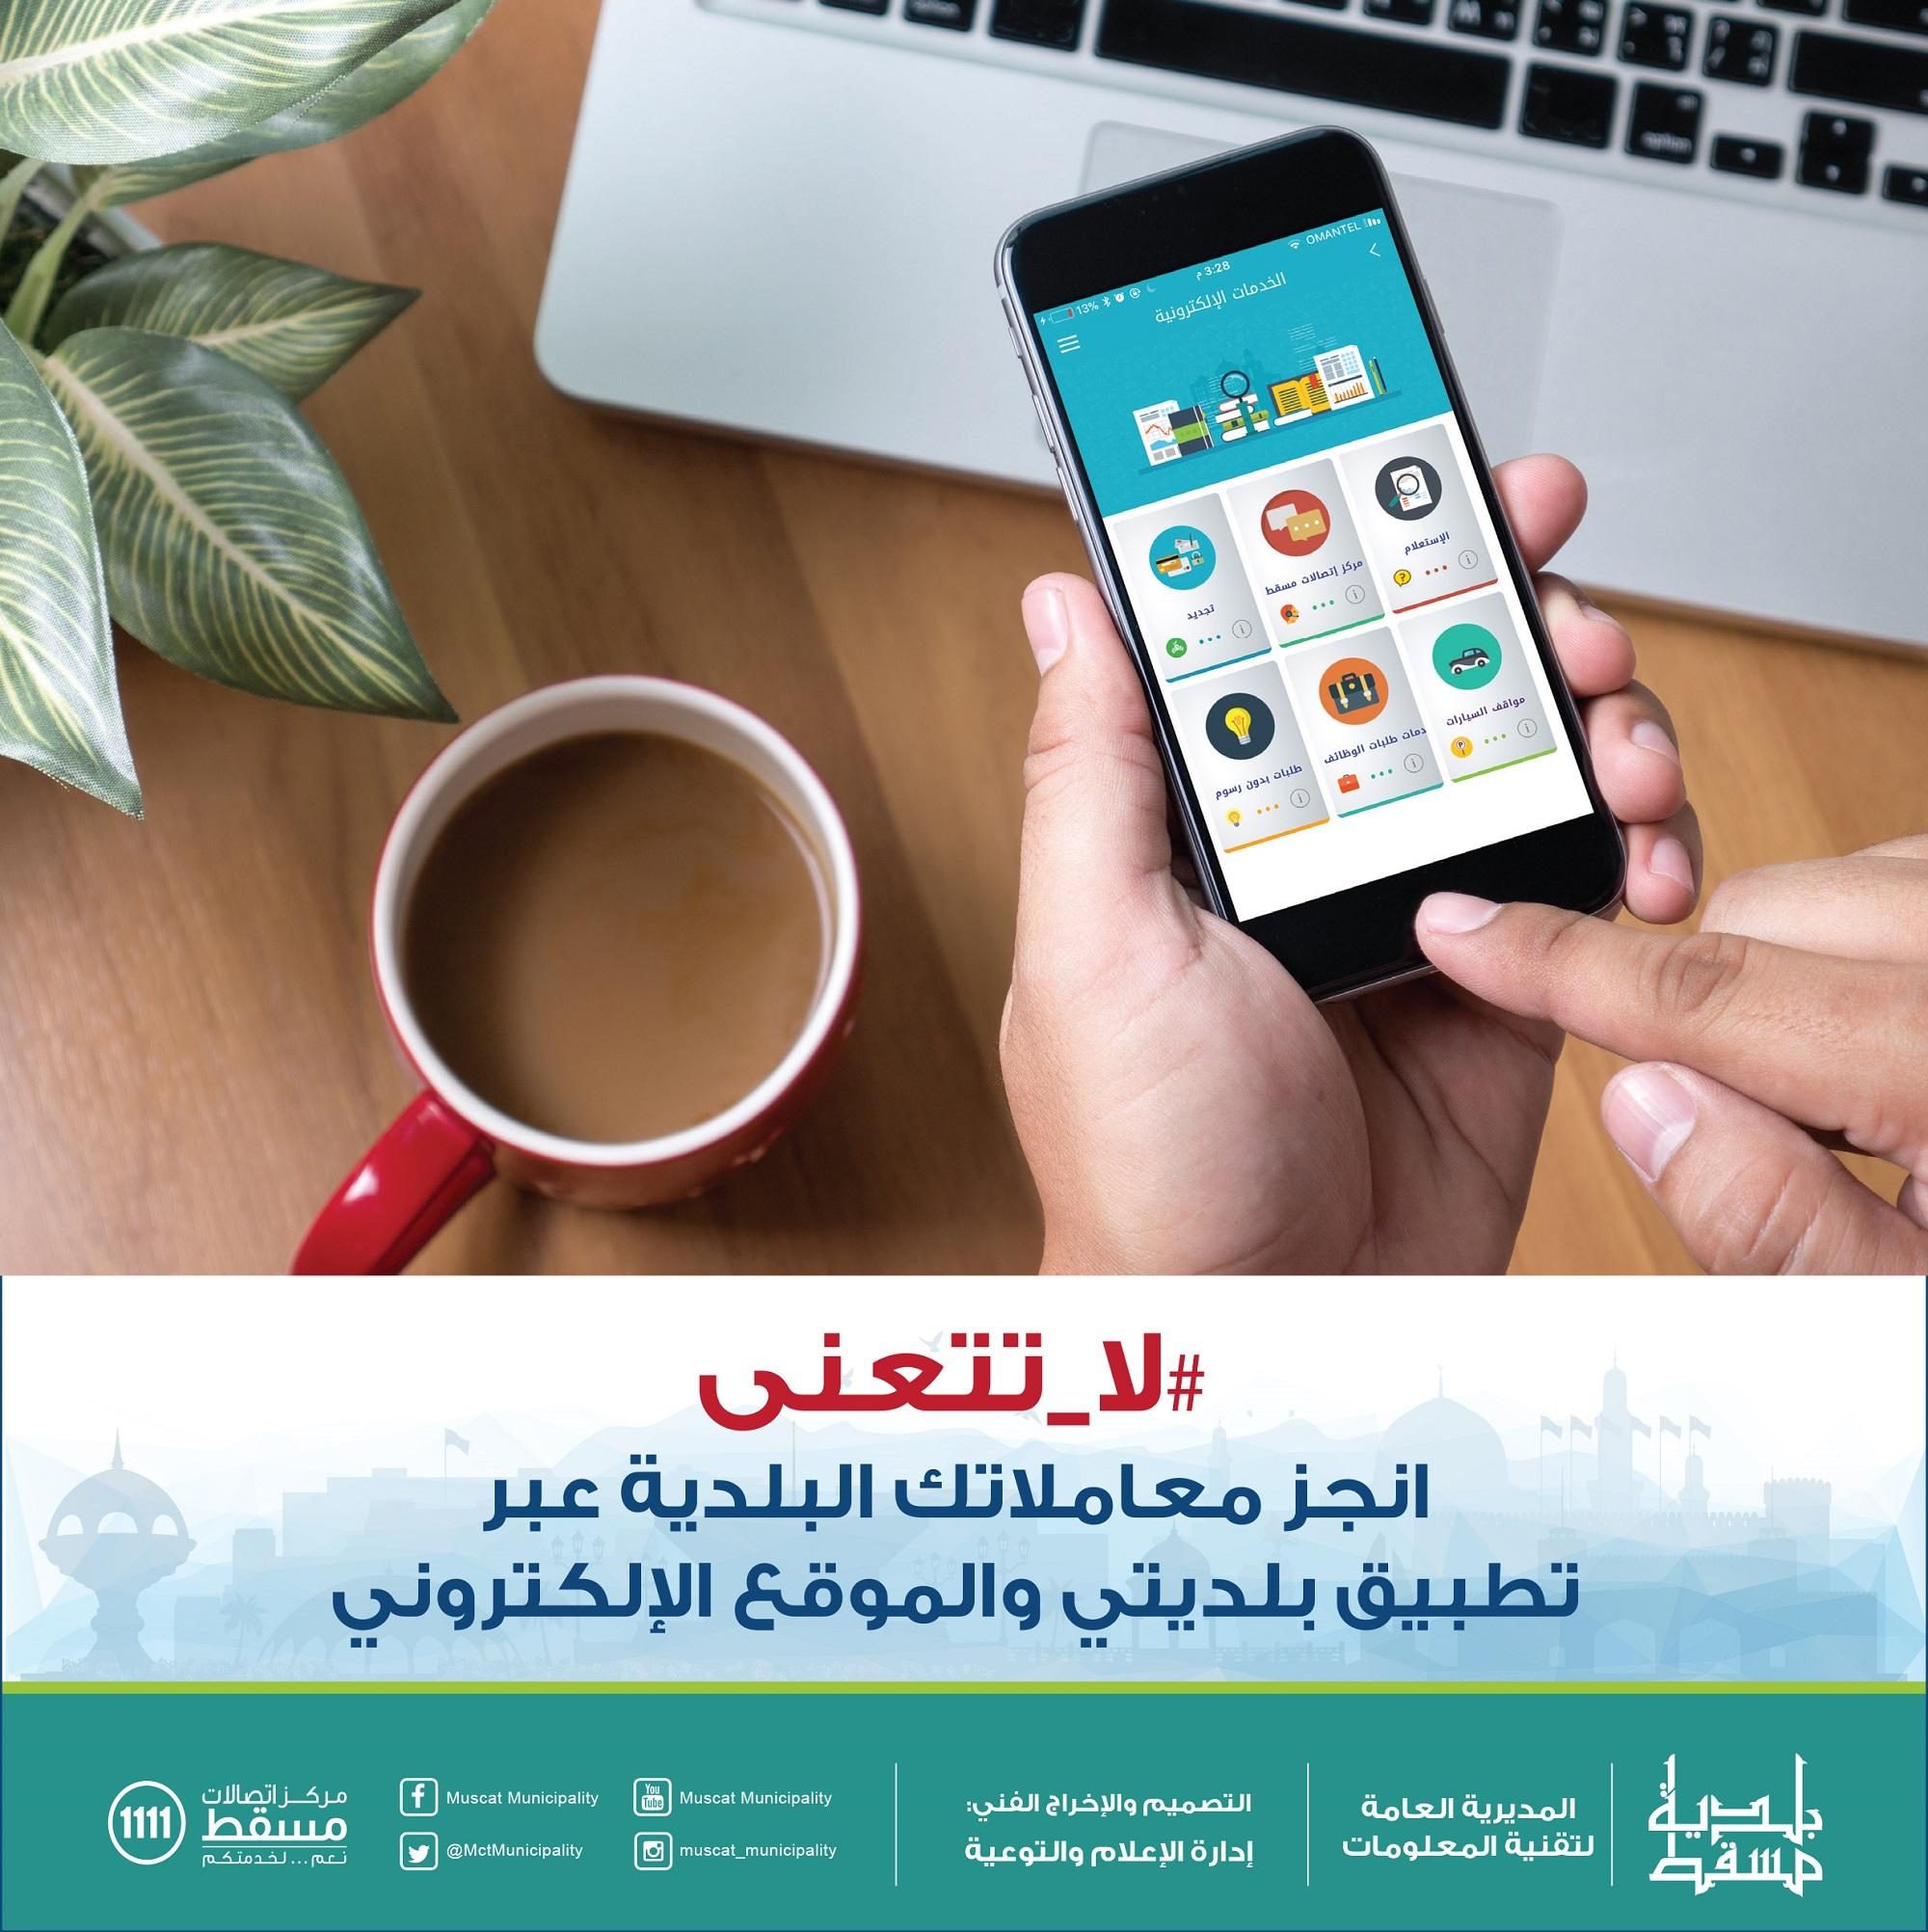 """تحت شعار """" لا تتعنى"""".. بلدية مسقط تطلق الحملة الترويجية لخدماتها الإلكترونية"""